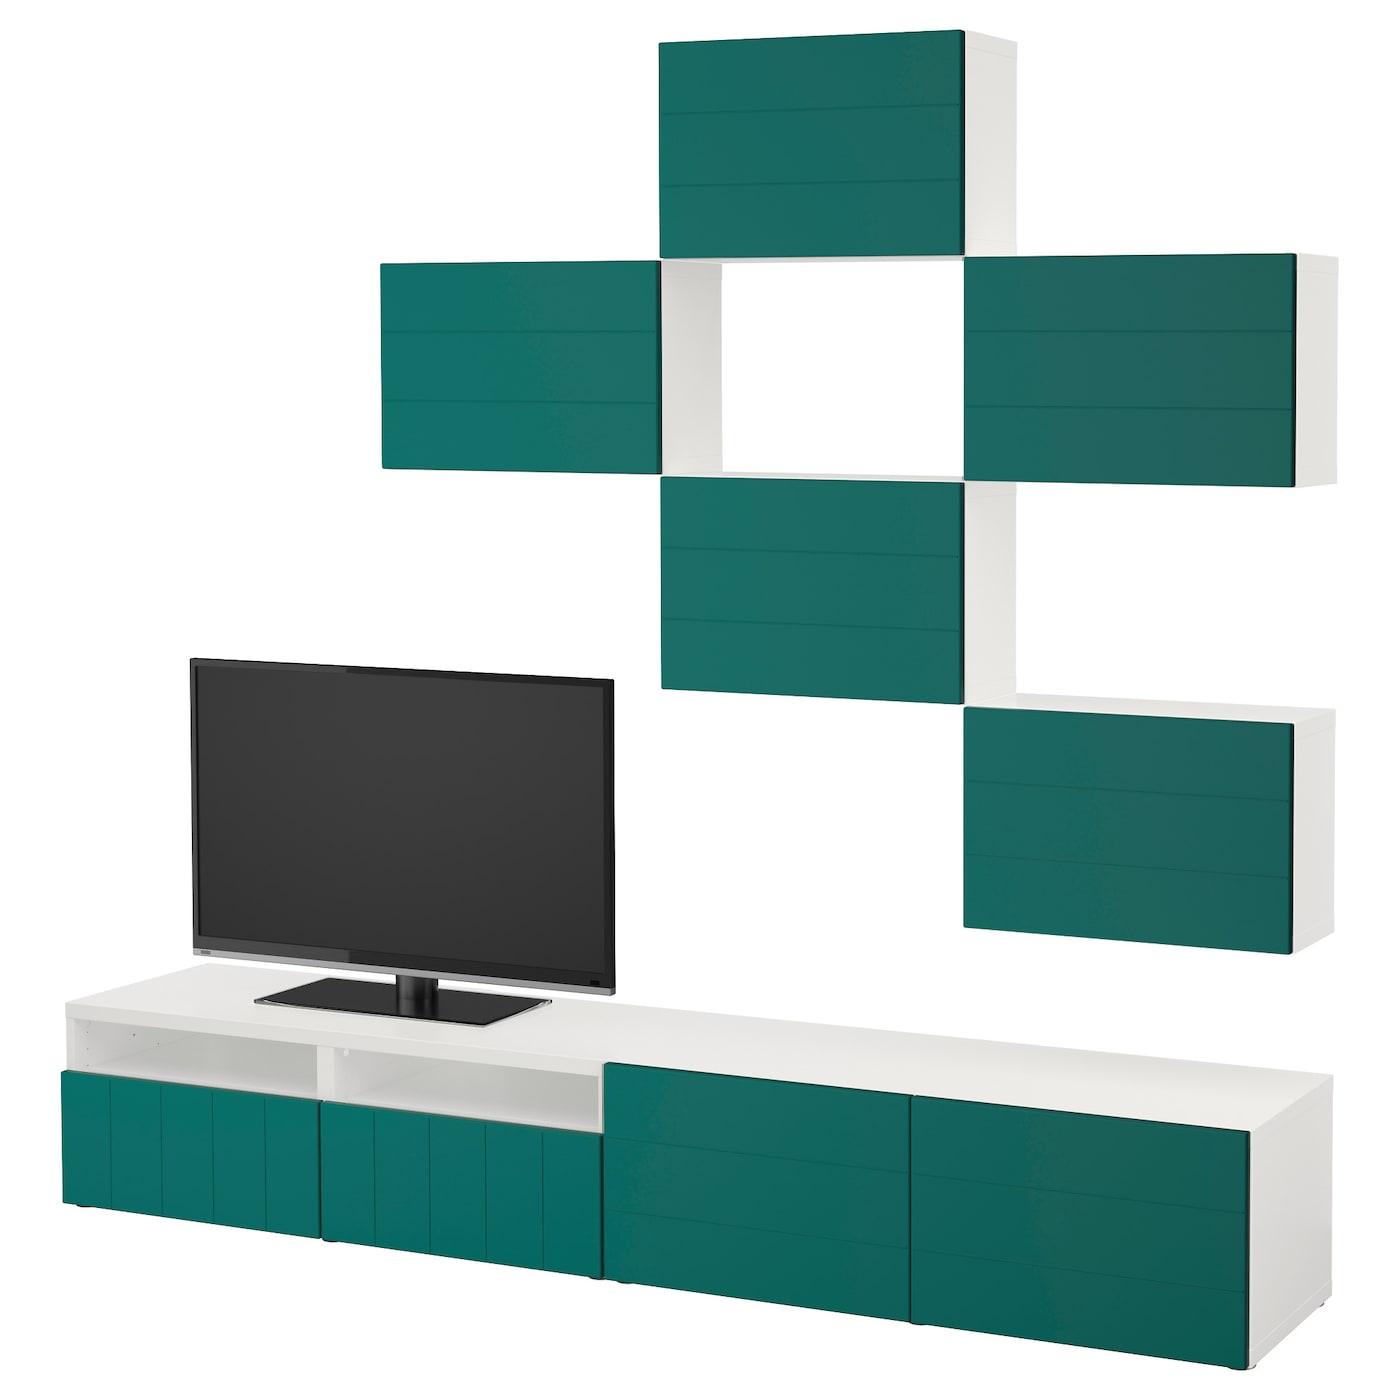 Best Combinaison Meuble Tv Blanc Hallstavik Bleu Vert 240×20  # Meuble Tv Vert